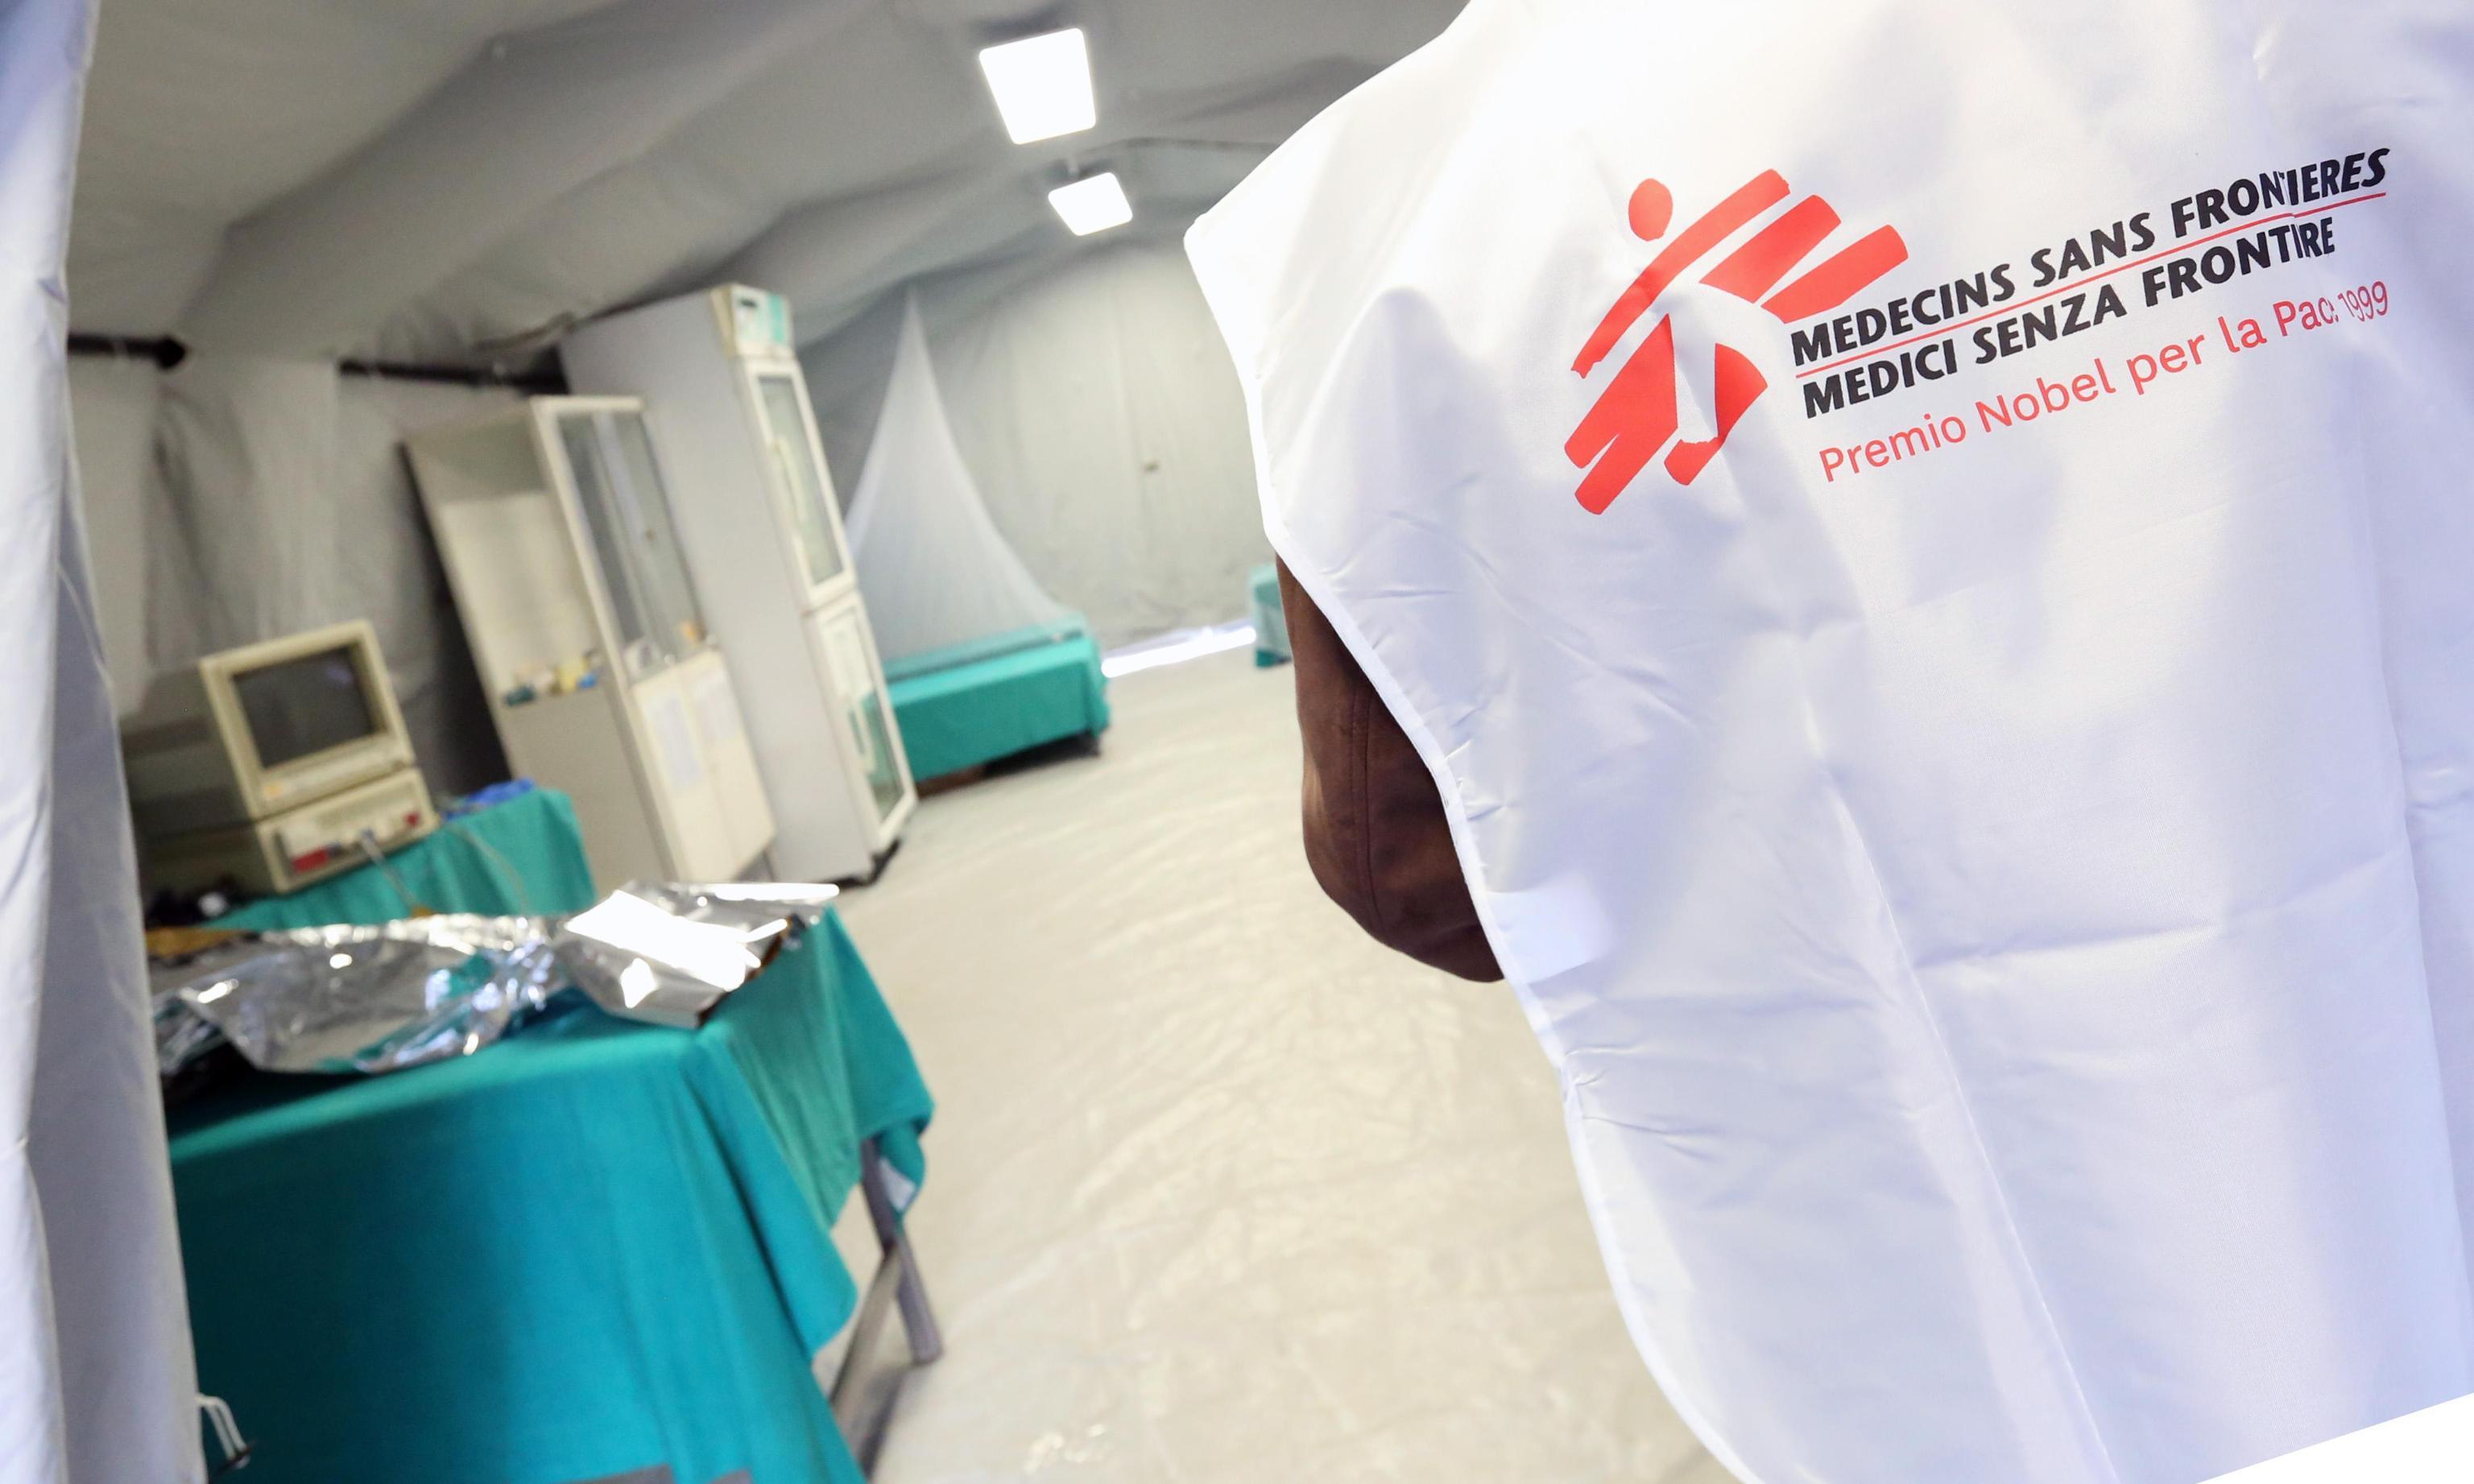 Rapporti sessuali in cambio di farmaci: Medici Senza Frontiere sotto accusa